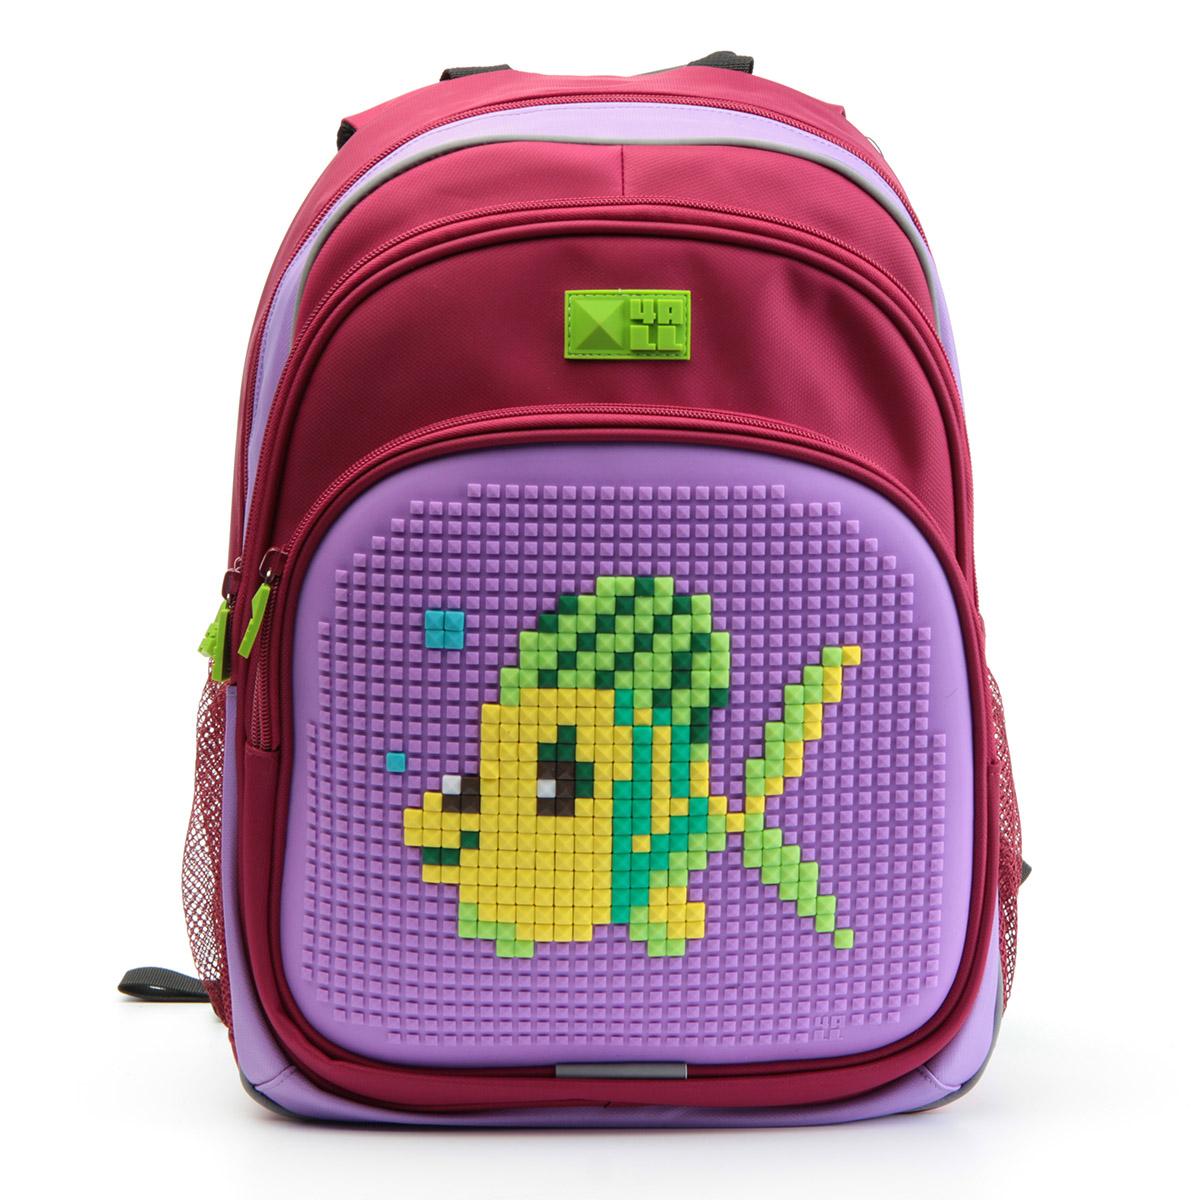 4ALL Рюкзак Kids цвет малиновый сиреневыйRK61-04NРюкзак 4ALL - это одновременно яркий, функциональный школьный аксессуар и площадка для самовыражения. Уникальные рюкзаки Kids имеют гипоаллергенную силиконовую панель и разноцветные мозаичные биты, с помощью которых на рюкзаке можно создавать графические шедевры хоть каждый день! Модель выполнена из полиэстера с водоотталкивающей пропиткой. Рюкзак имеет 2 отделения, снаружи расположены 3 кармана (передний - на молнии, боковые - сетчатые). Система Air Comfort System обеспечивает свободную циркуляцию воздуха между задней стенкой рюкзака и спиной ребенка. Система Ergo System служит равномерному распределению нагрузки на спину ребенка, сохранению правильной осанки. Она способна сделать рюкзак, наполненный учебниками, легким. Ортопедическая спинка как корсет поддерживает позвоночник, правильно распределяя нагрузку. Простая и удобная конструкция спины и лямок позволяет использовать рюкзак даже деткам от 3-х лет. Светоотражающие вставки отвечают за безопасность...